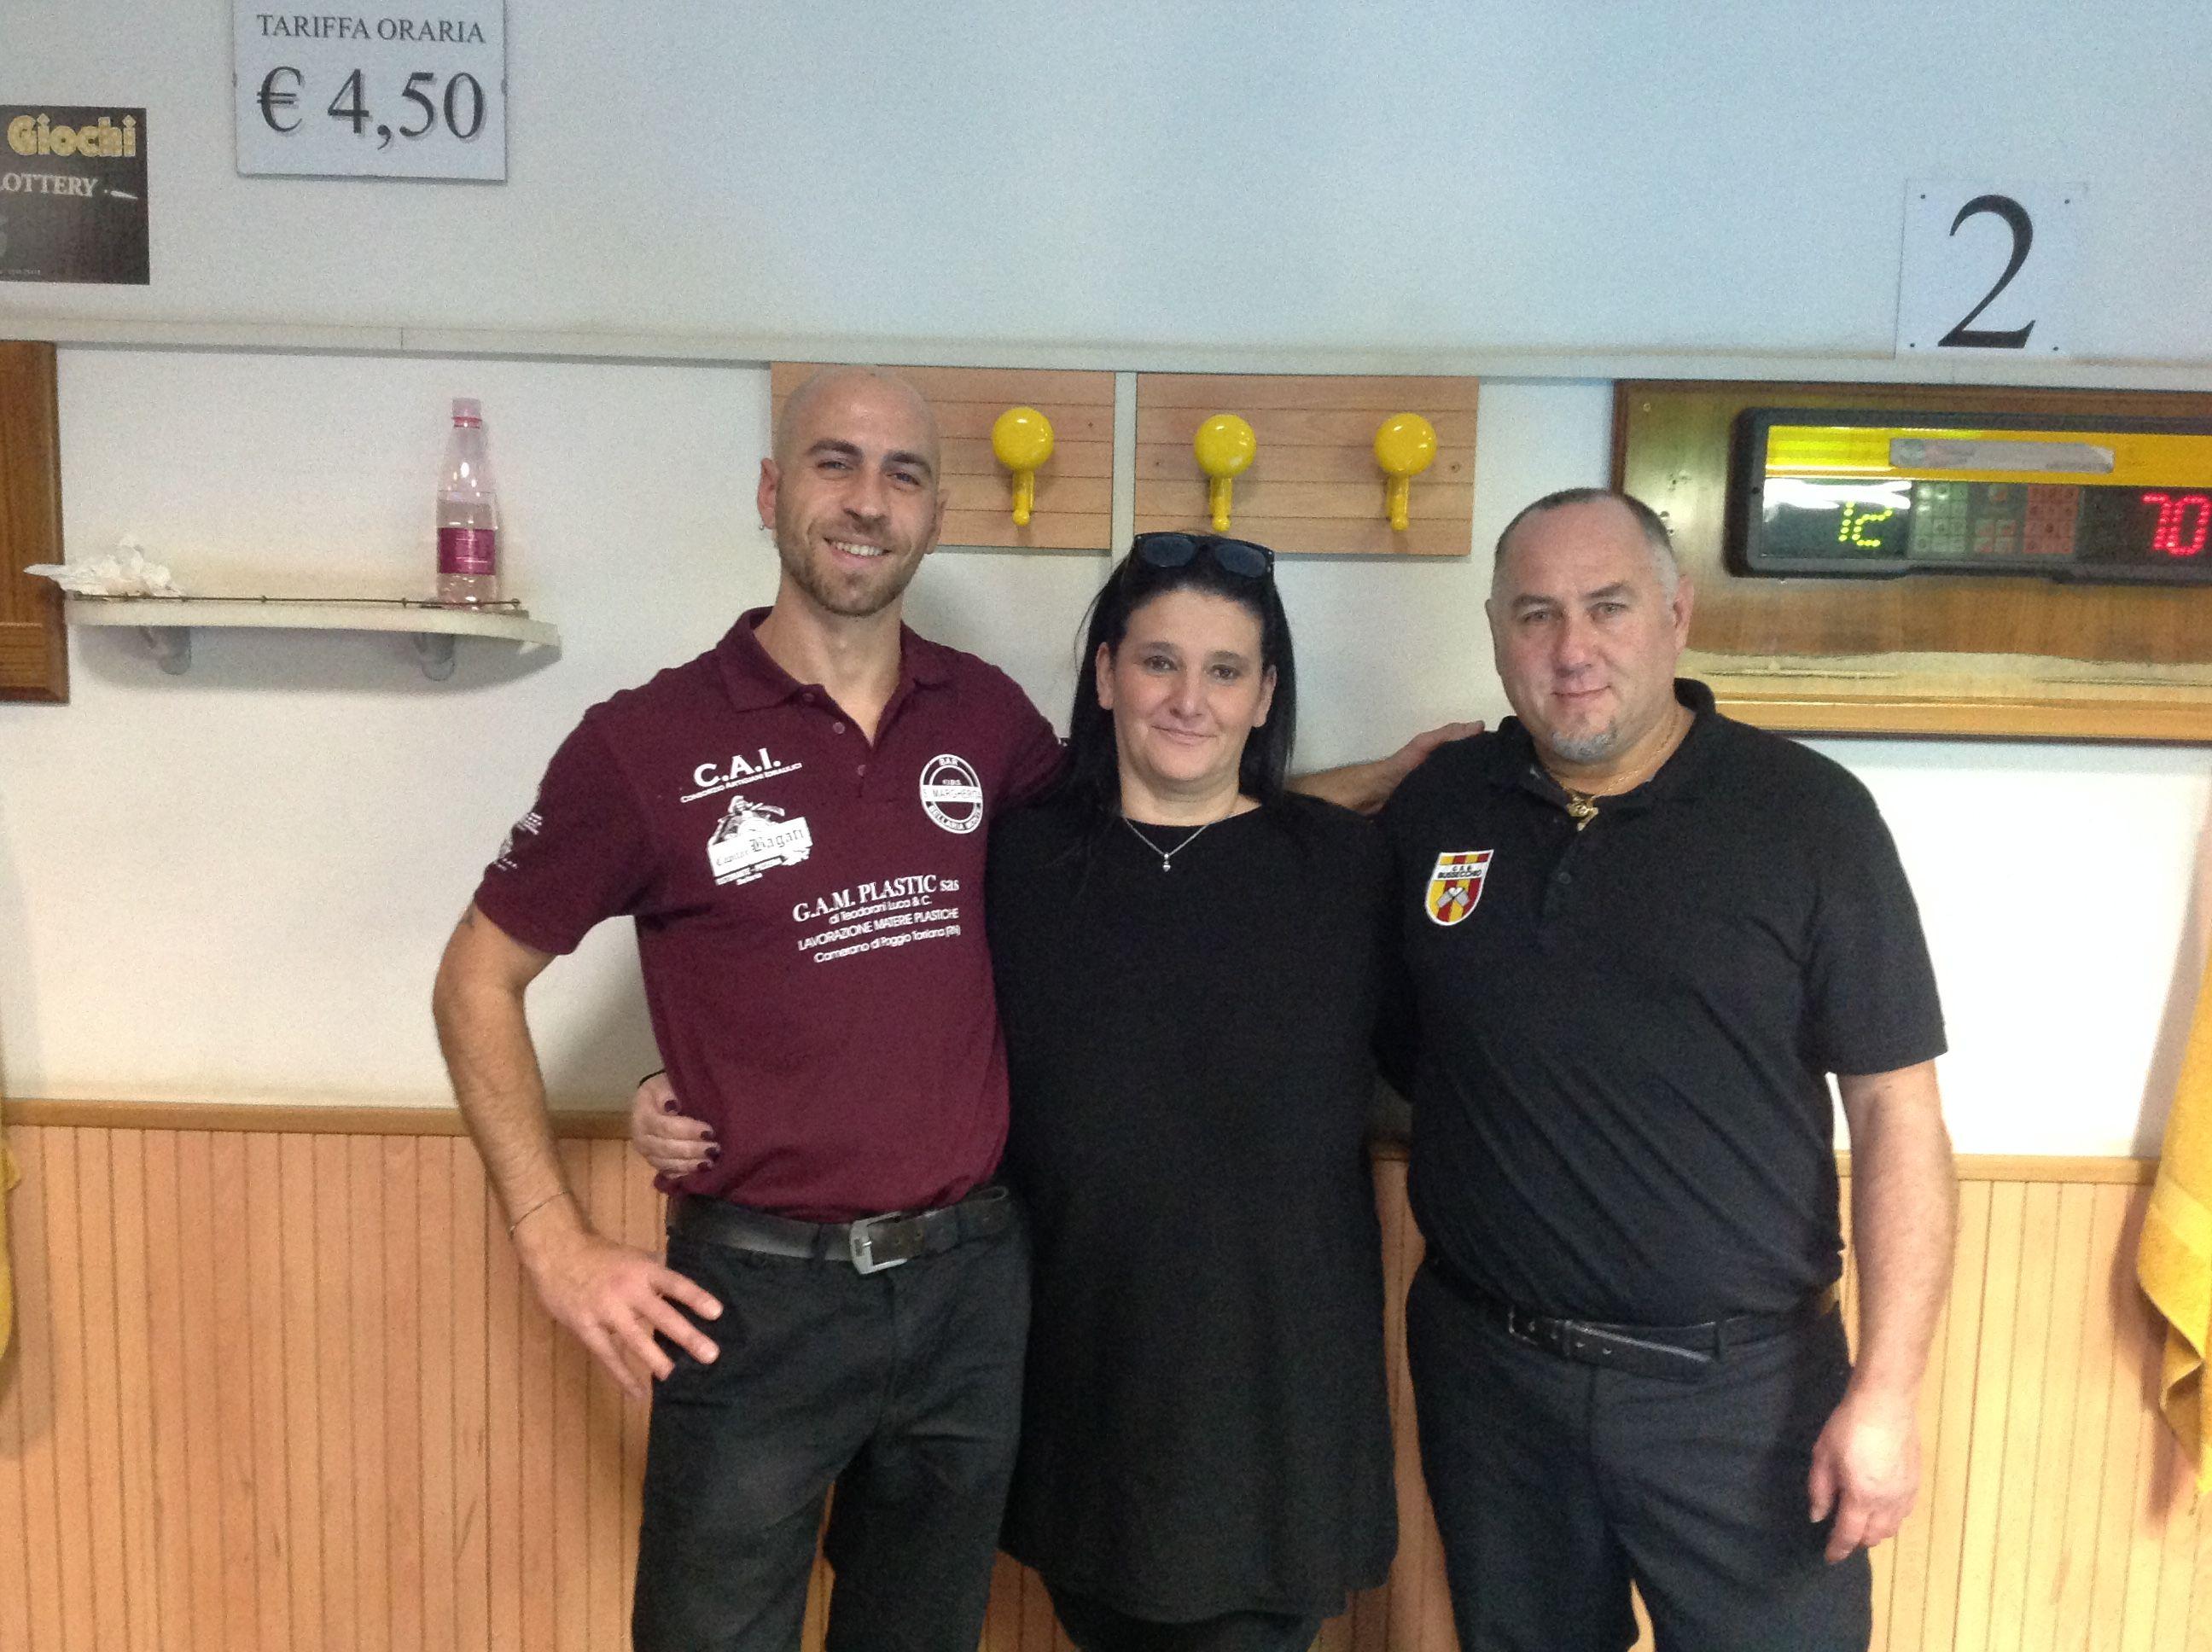 La coppia vincitrice con Benericetti Morena